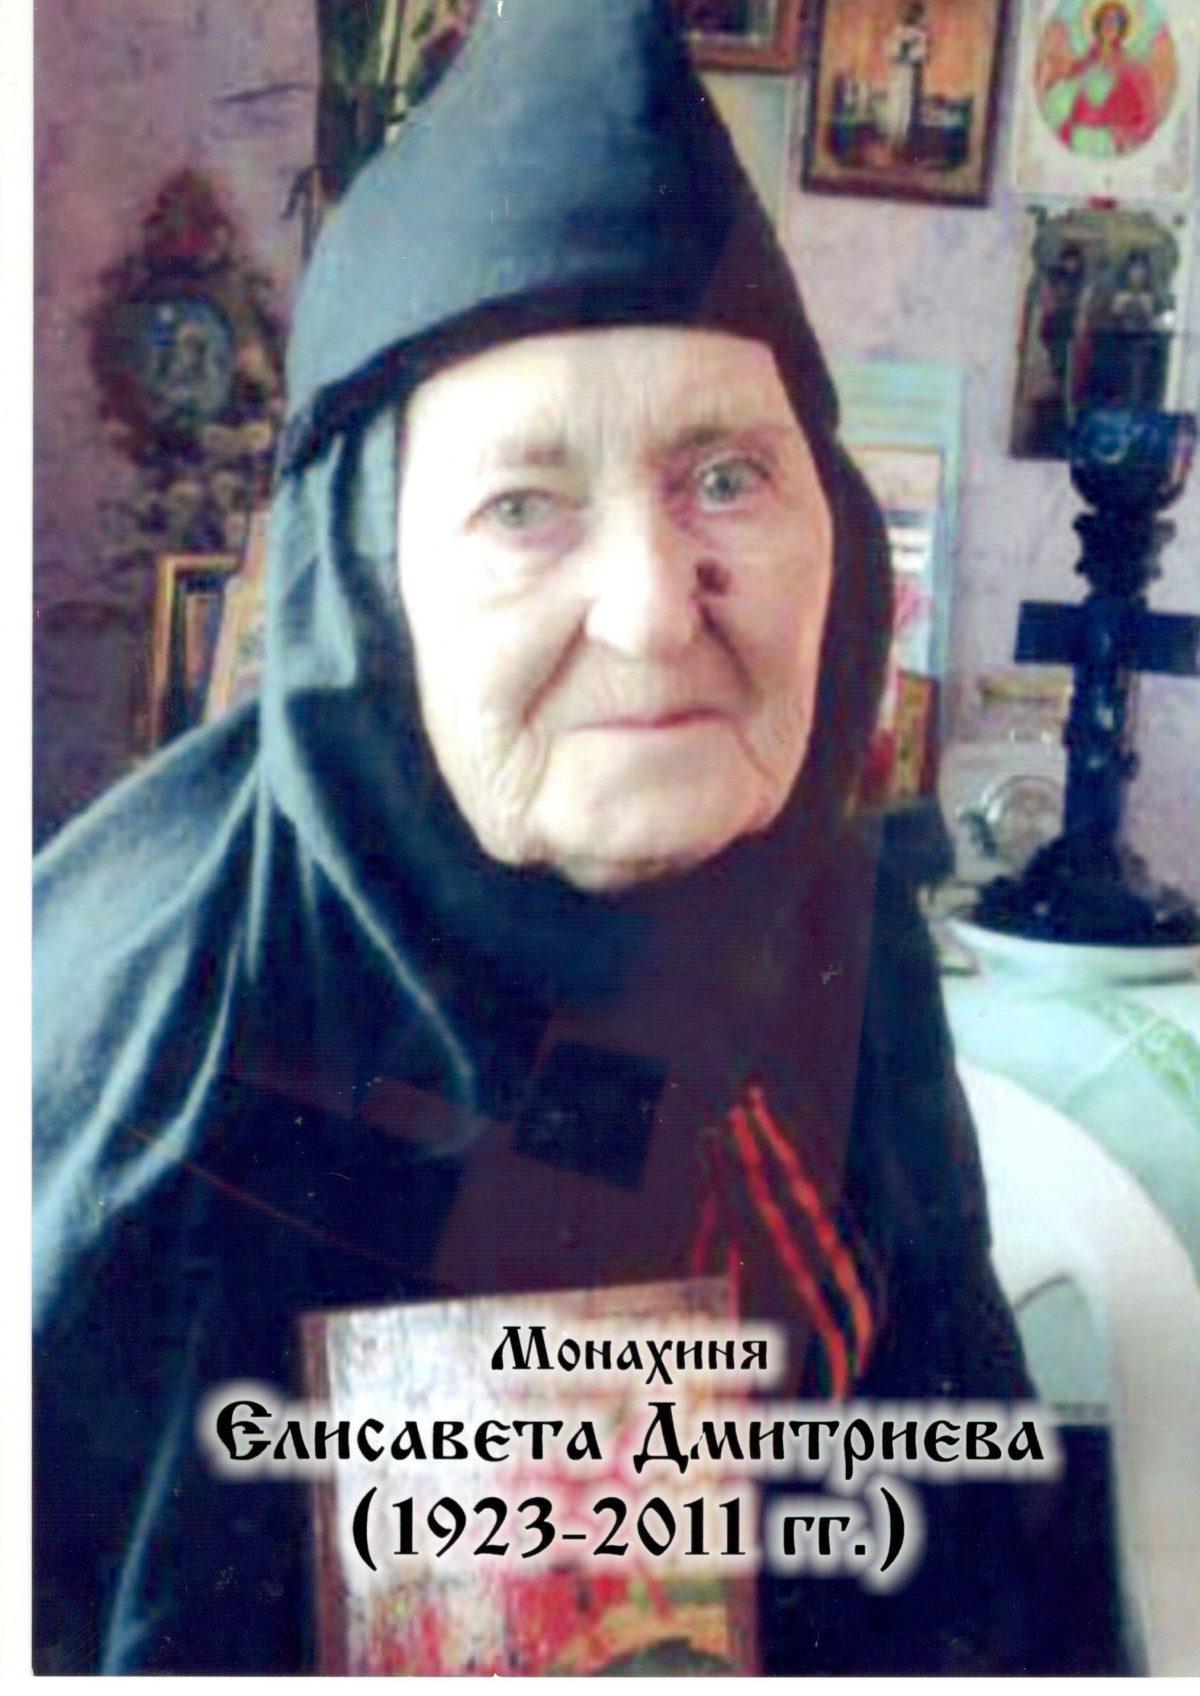 Монахиня Елисавета (Дмитриева)